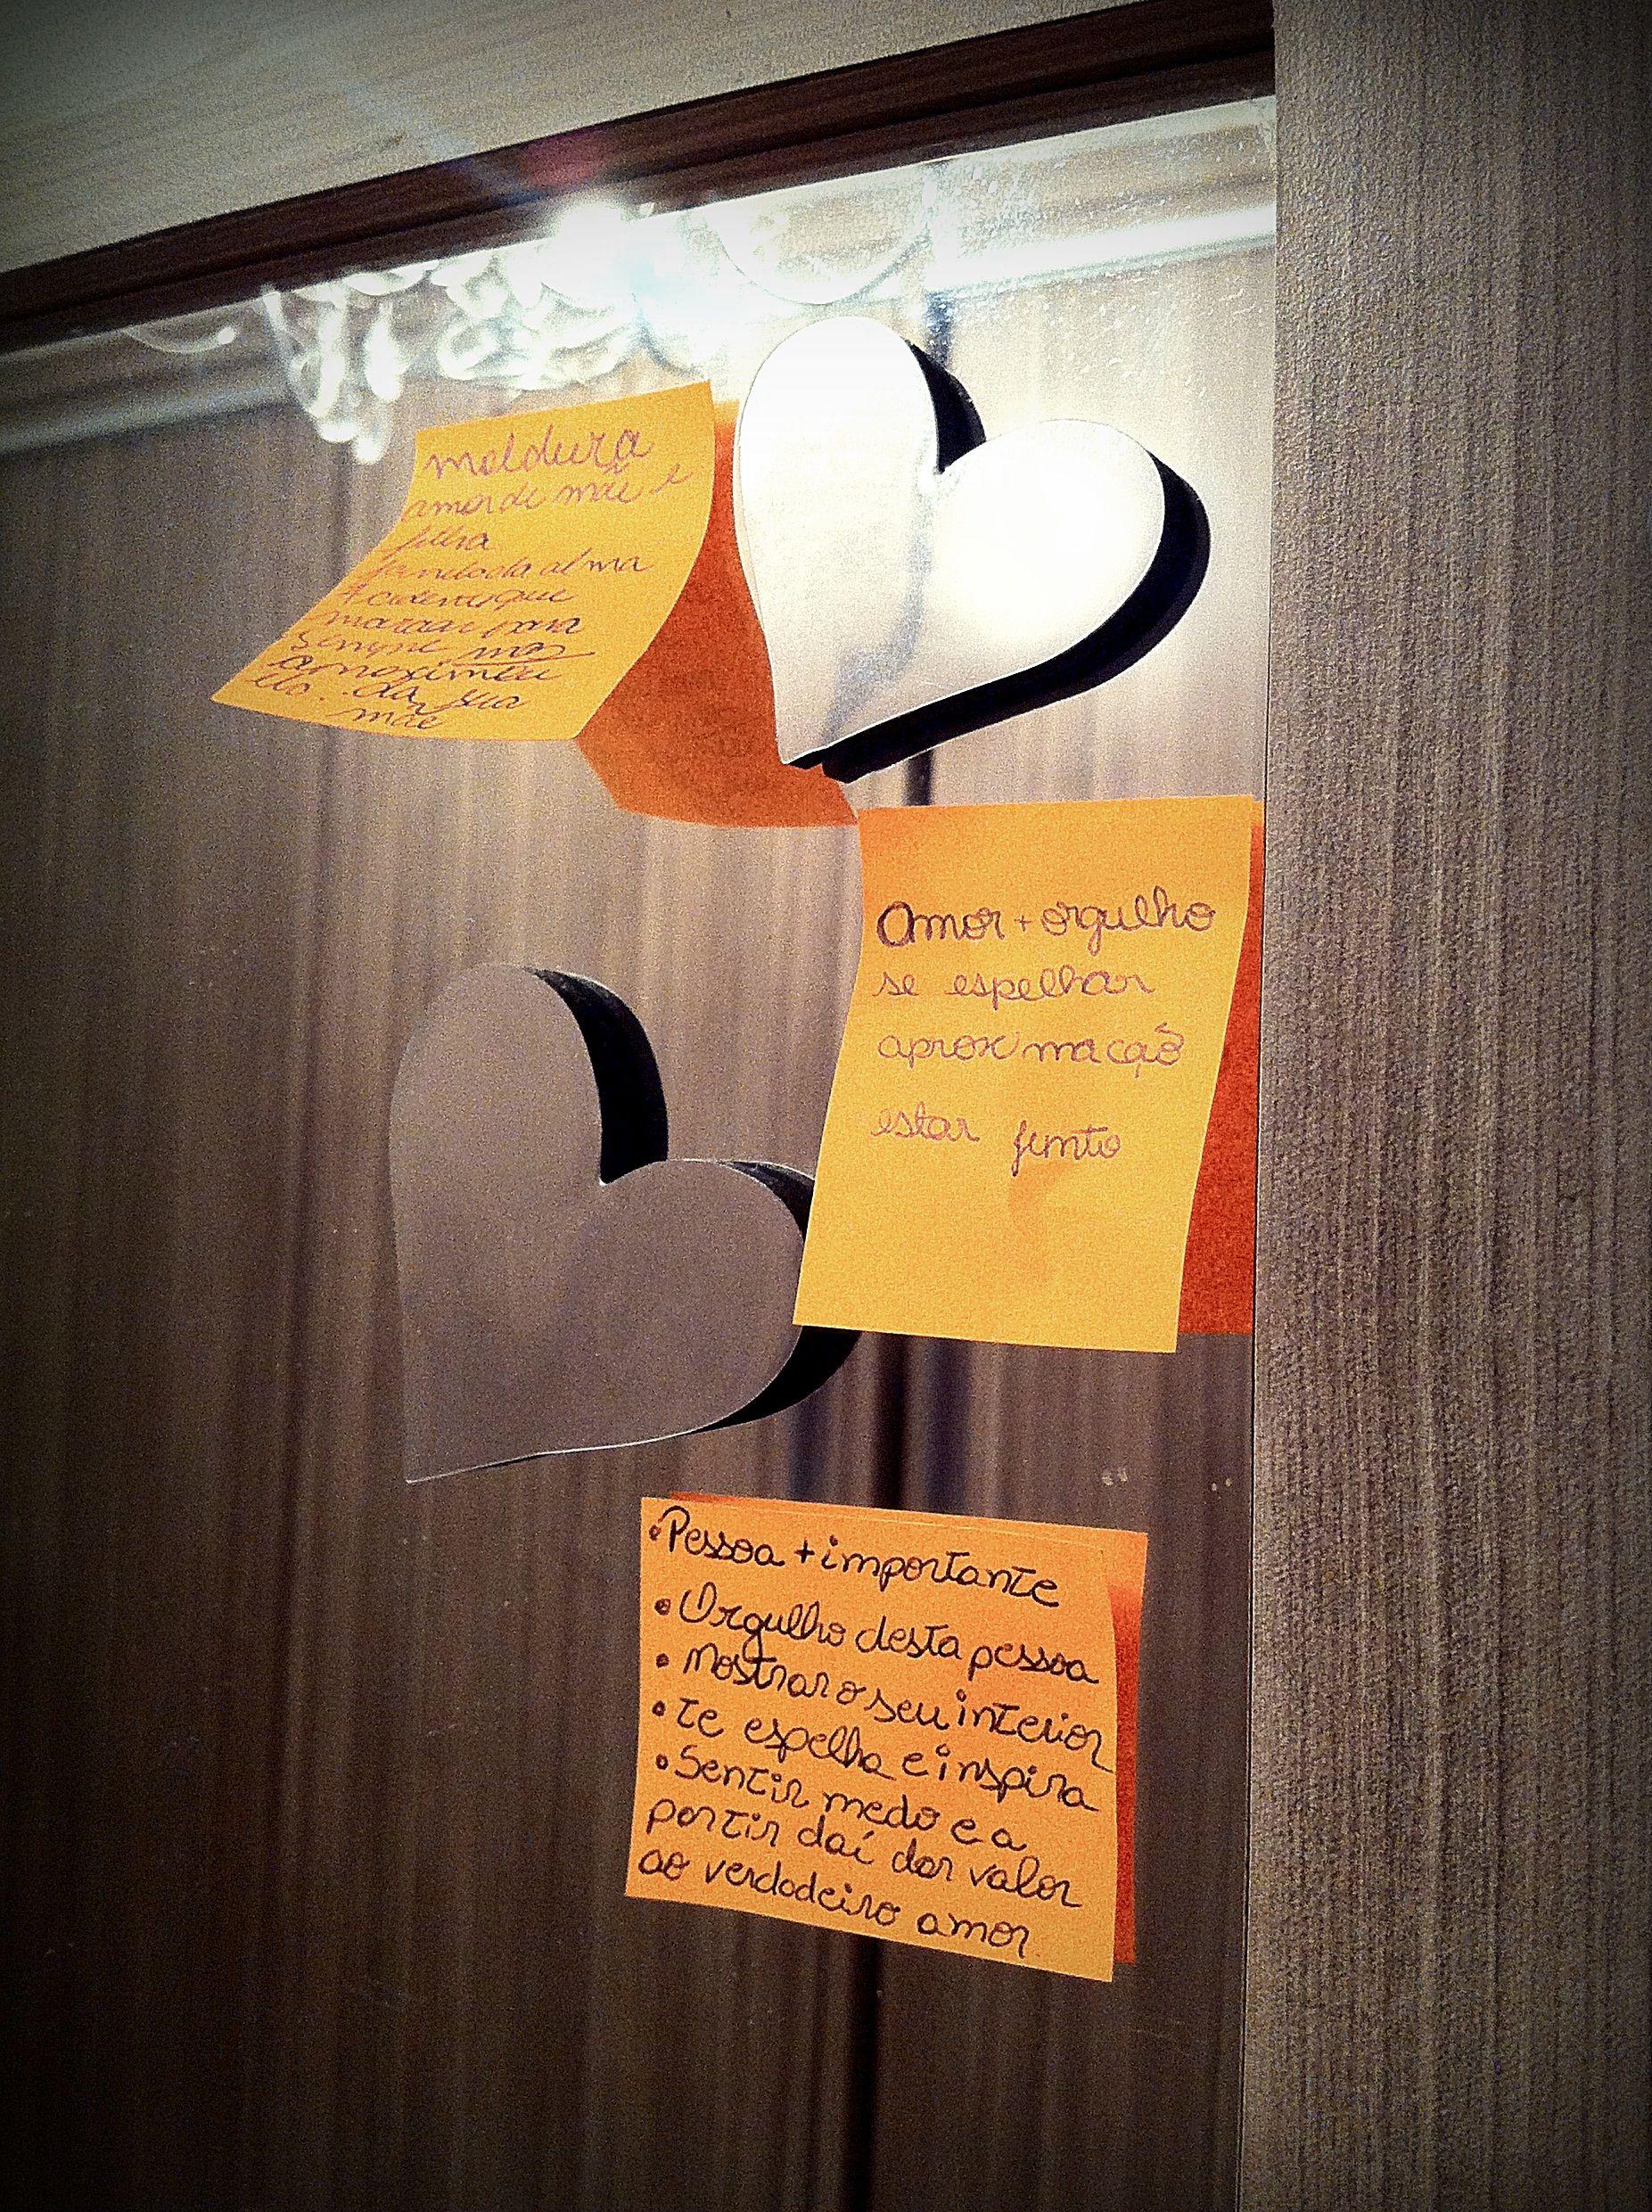 Título do Editorial: Espelho meu.  Turma: 6ºC noite  Produtor: Danielle Andrade  Fotografo: Danielle Andrade